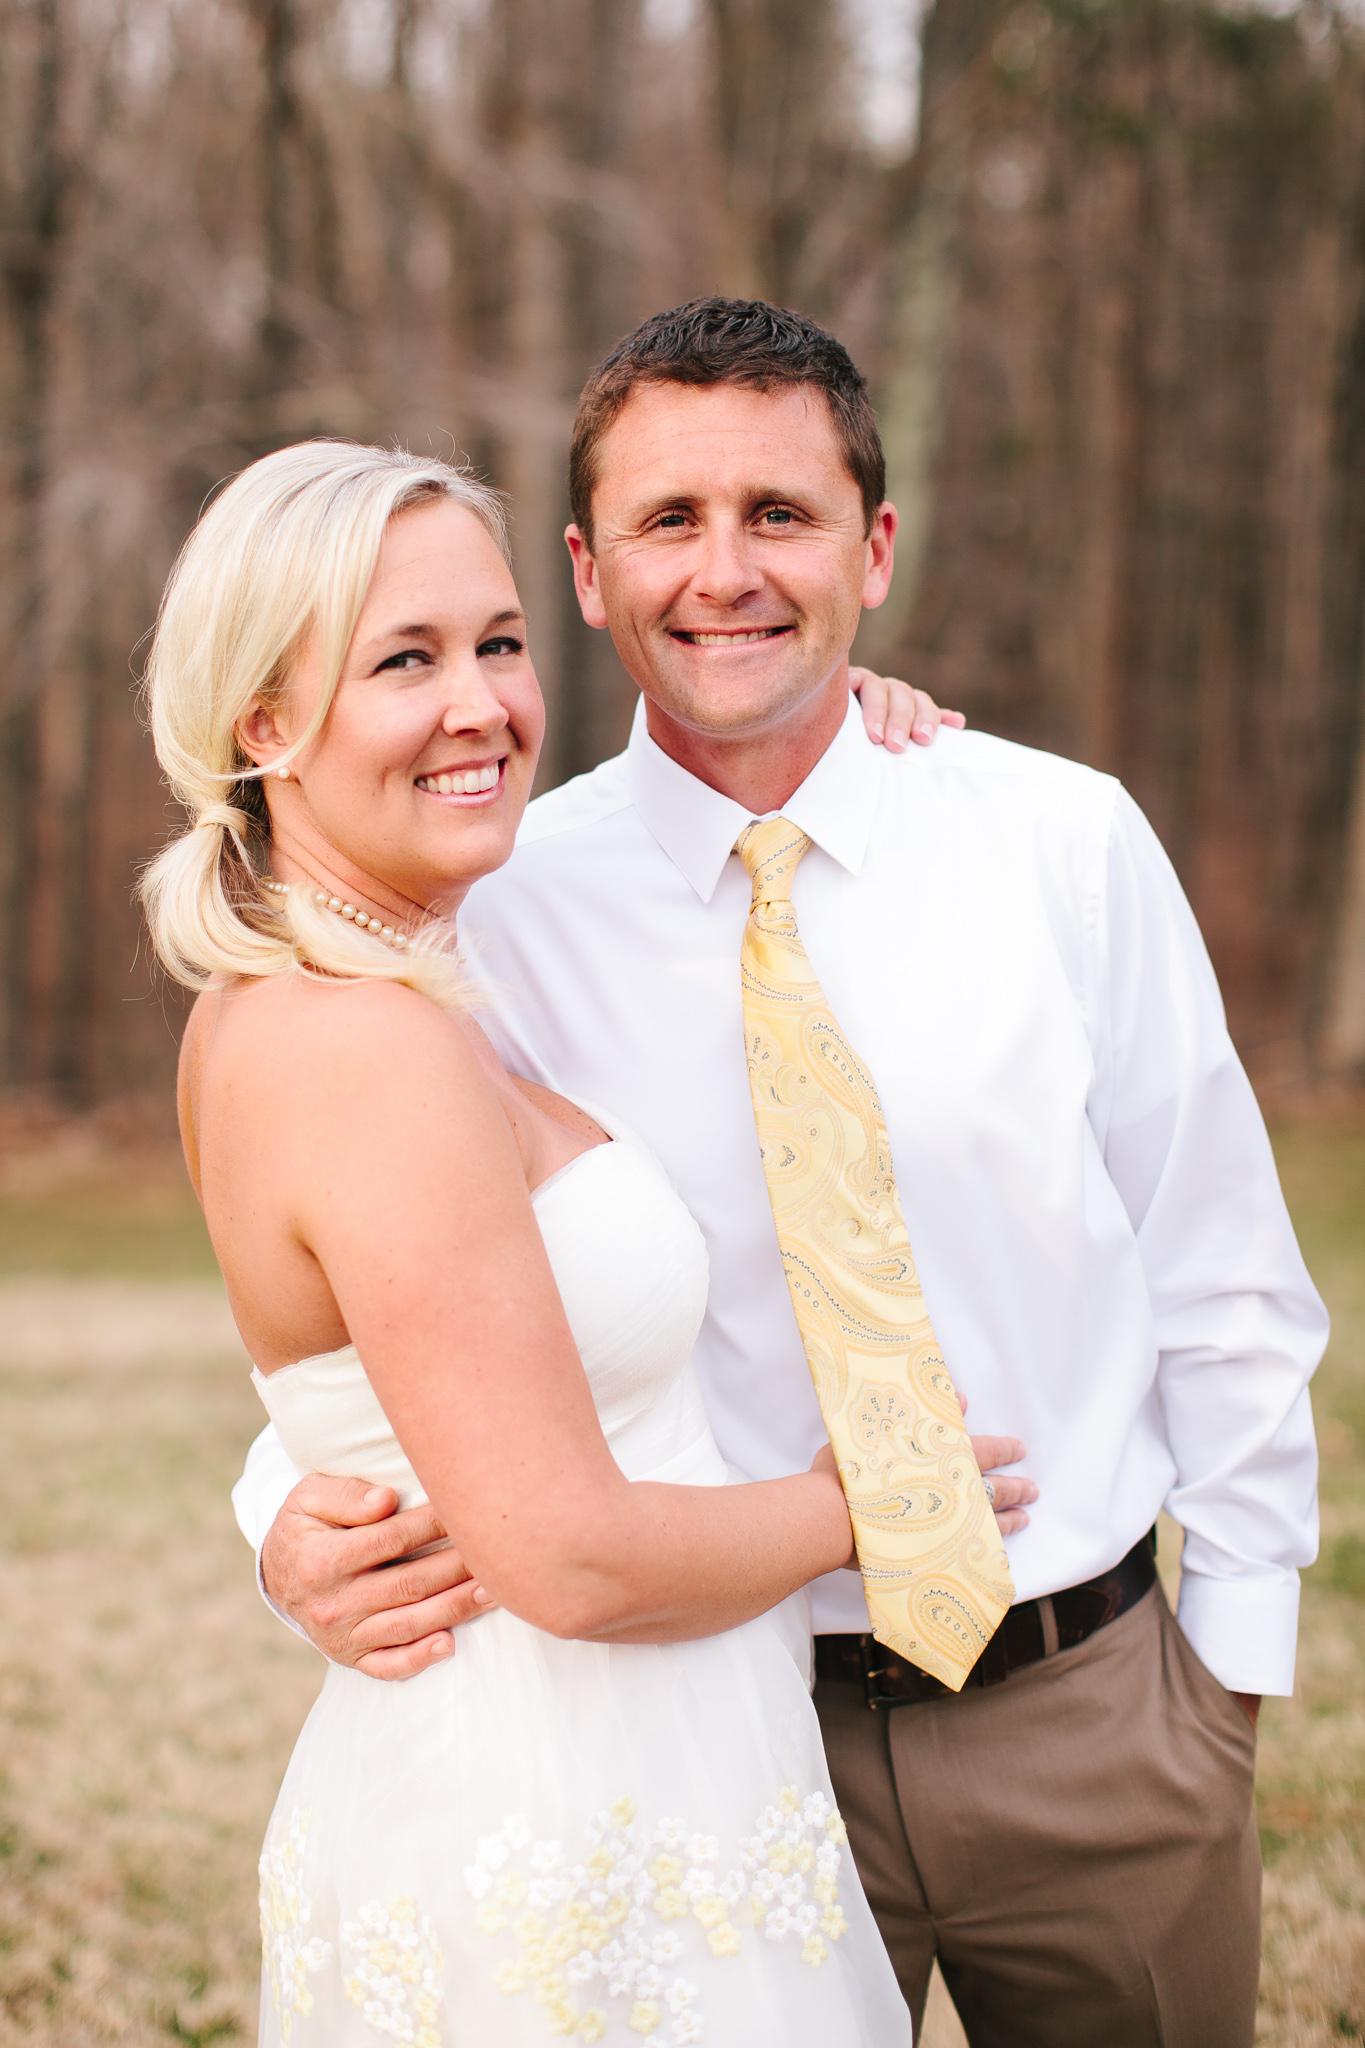 north_carolina_wedding_portraits_tierney_cyanne_photography_1442.jpg